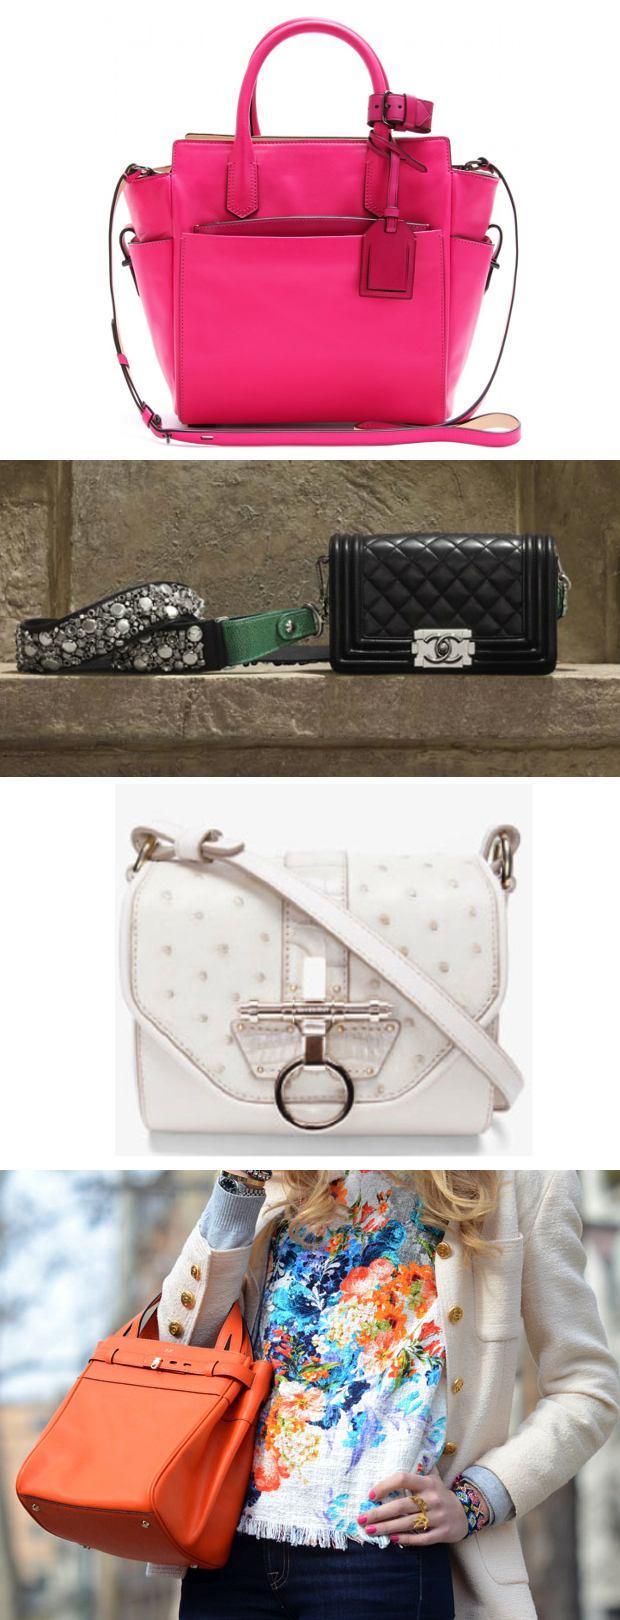 Reed-Krakoff-Chanel-Givenchy-Valextra-